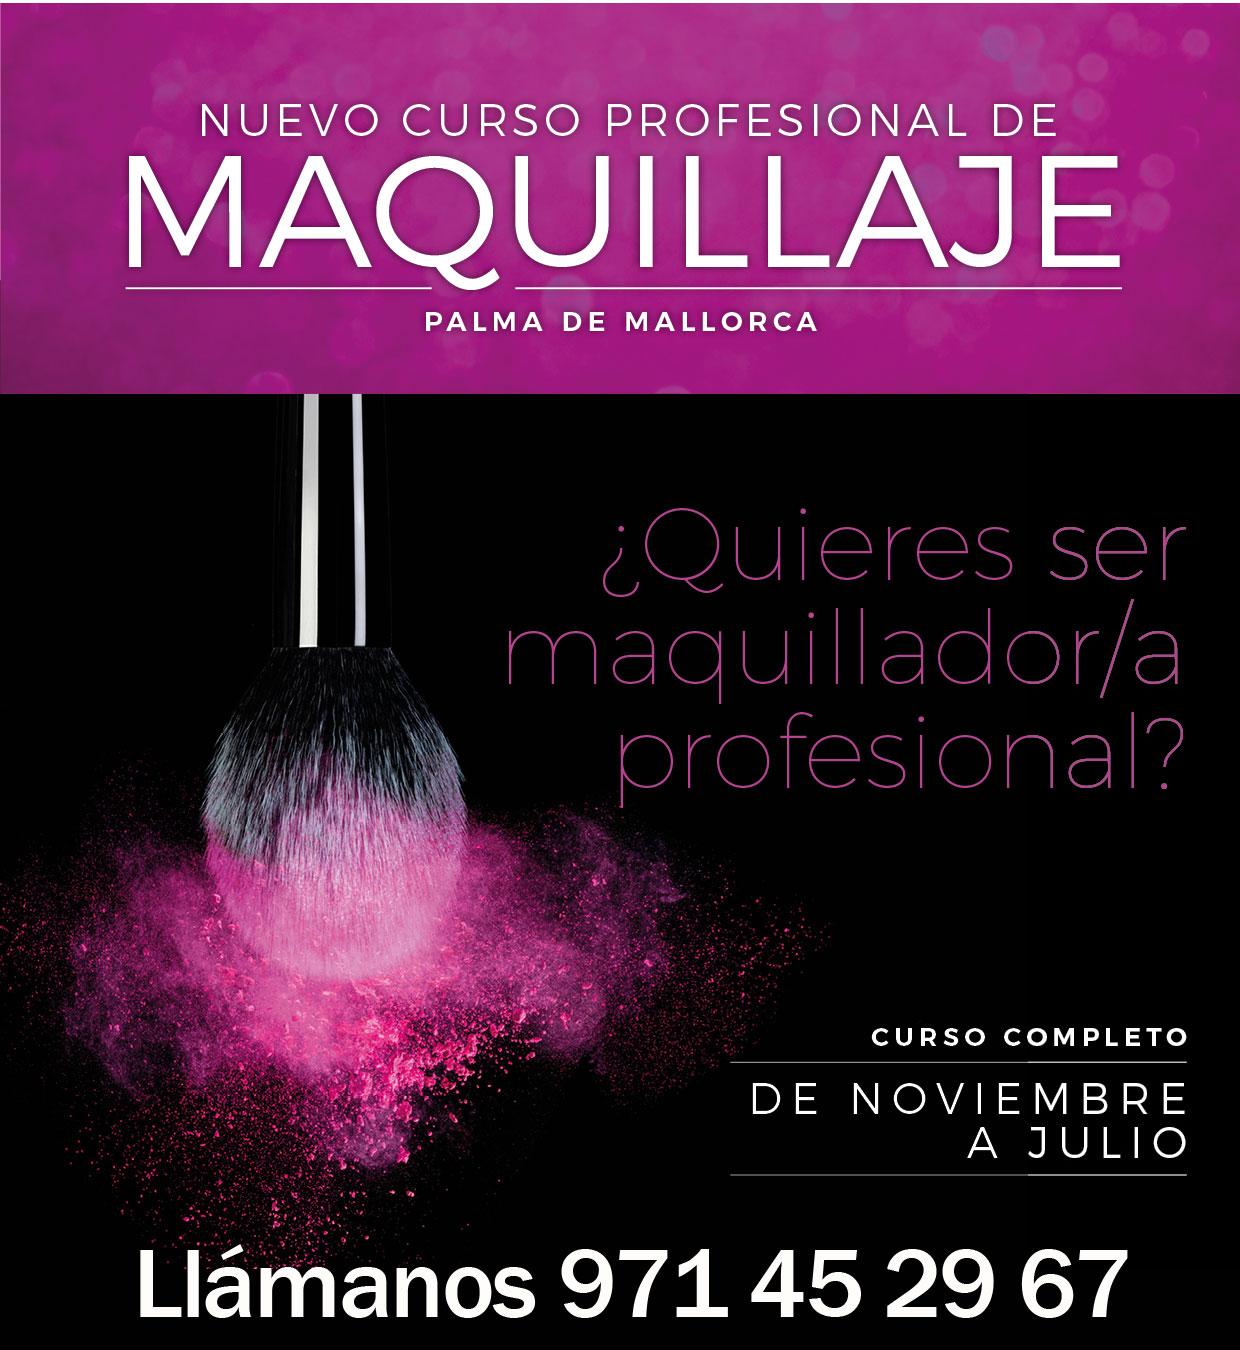 Curso de Maquillaje profesional en Palma de Mallorca